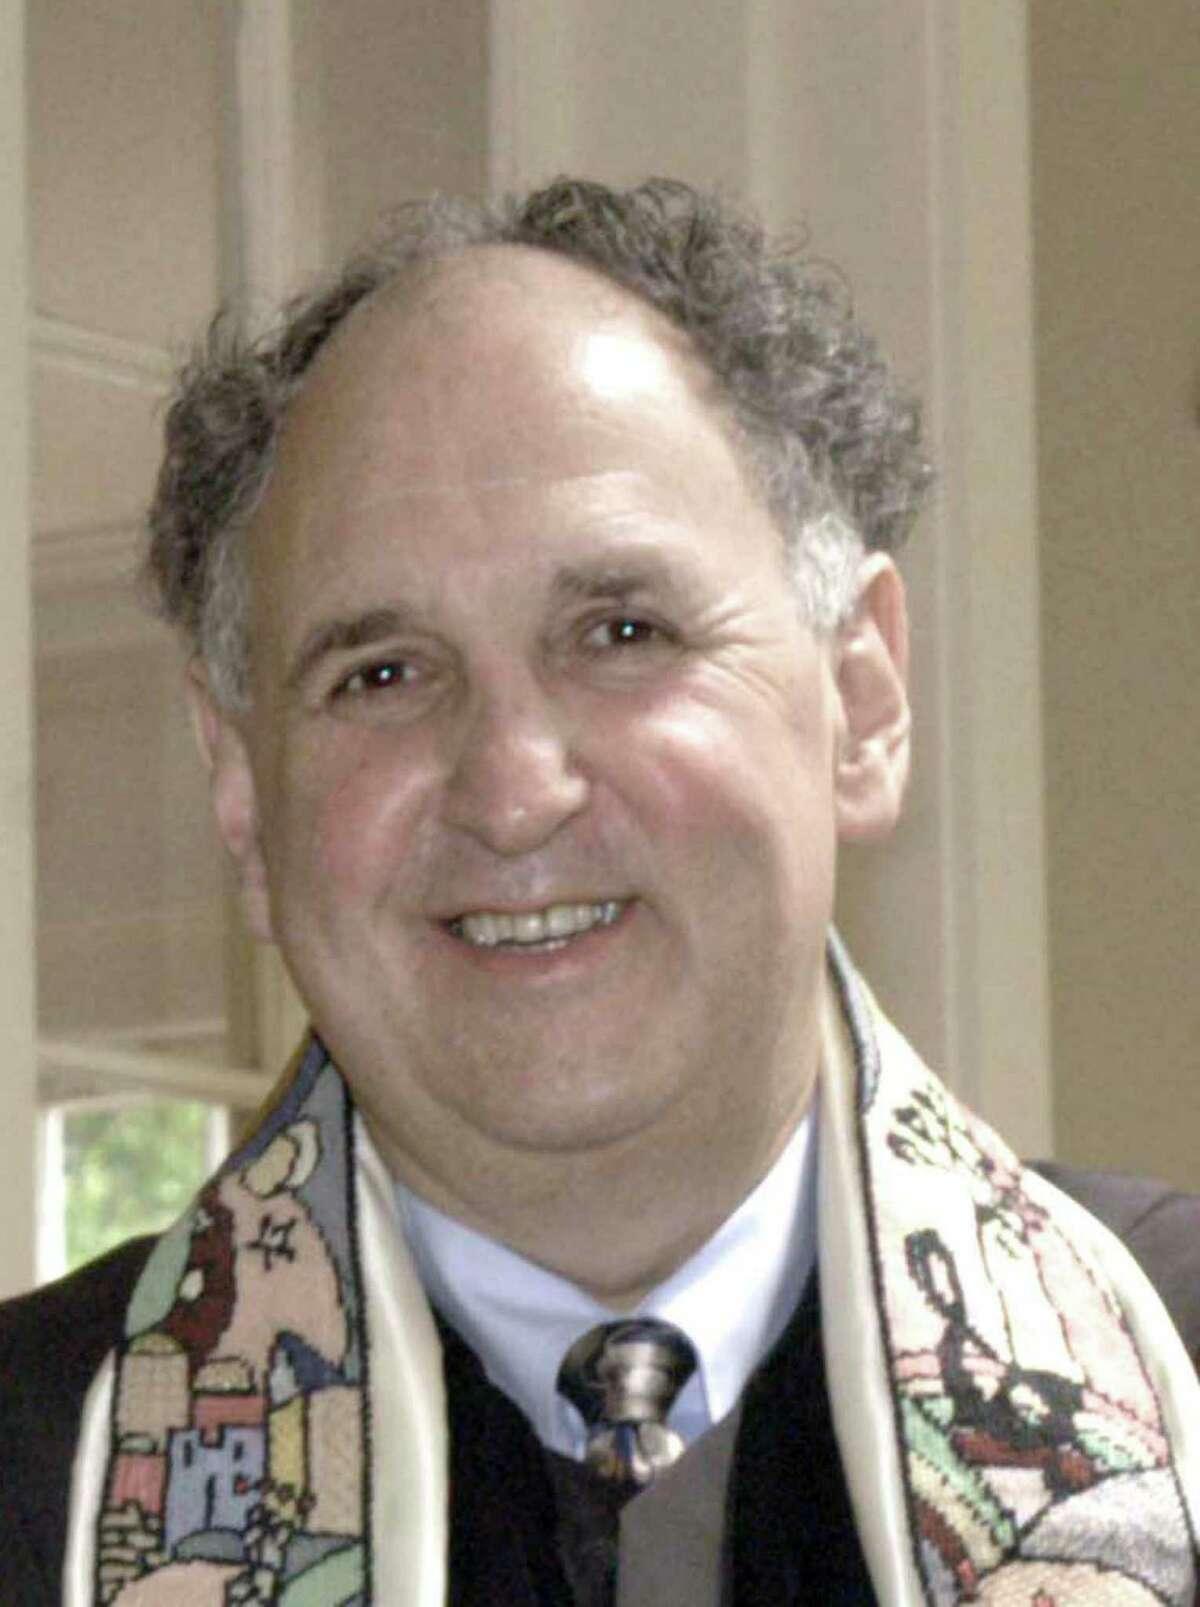 Rabbi Jon Haddon. Photo taken June 18,2008 by Carol Kaliff